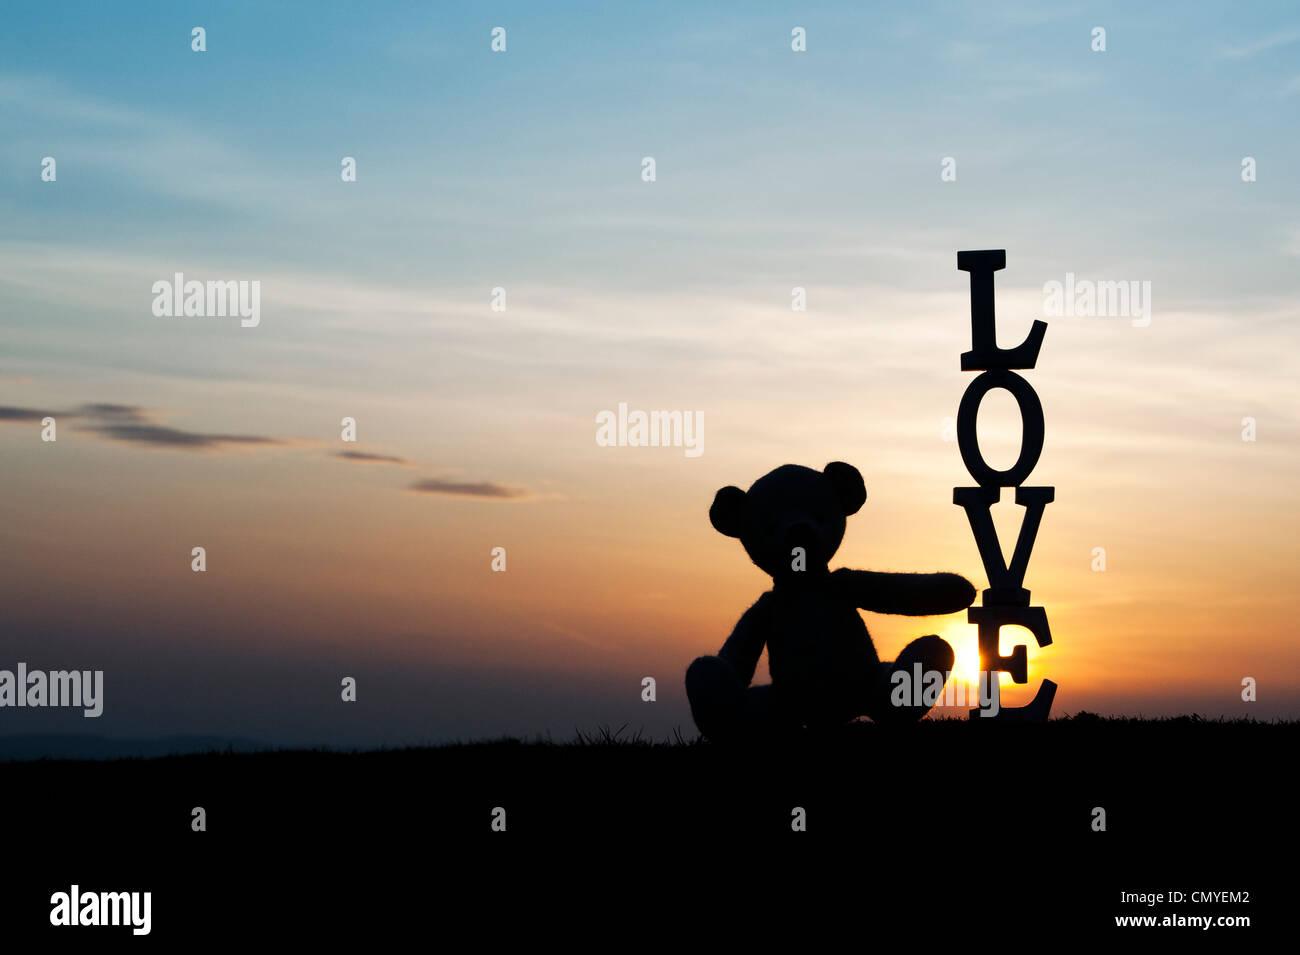 Ours assis à côté aussi, le mot amour au coucher du soleil. Silhouette Photo Stock